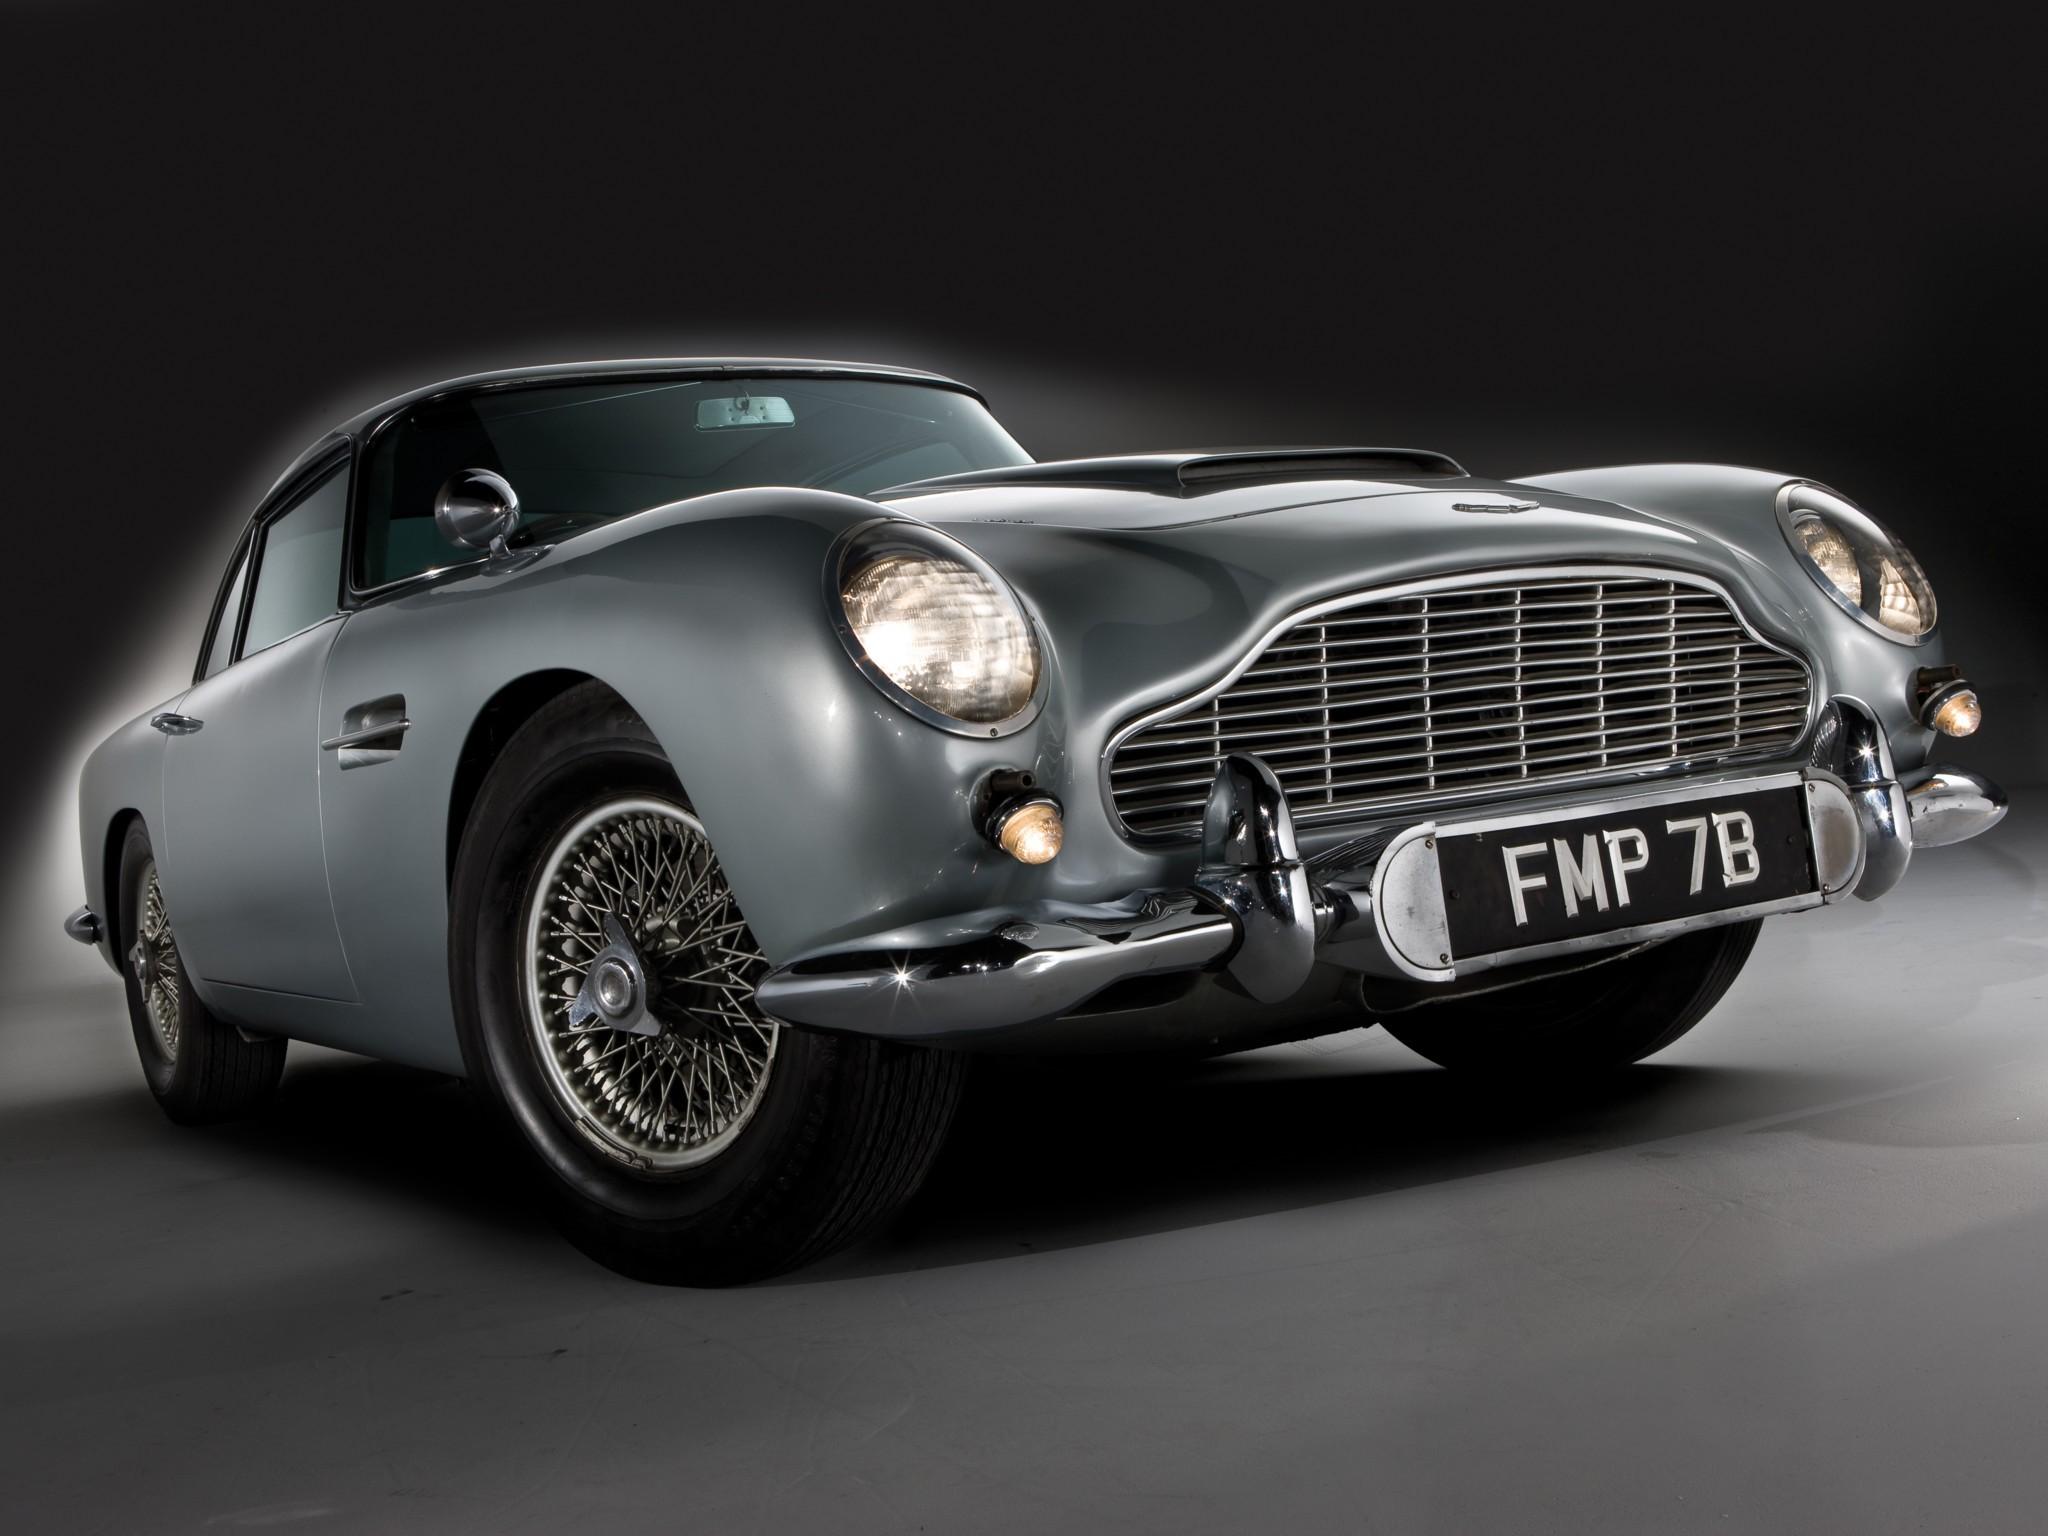 coolest james bond car ever autoevolution. Black Bedroom Furniture Sets. Home Design Ideas